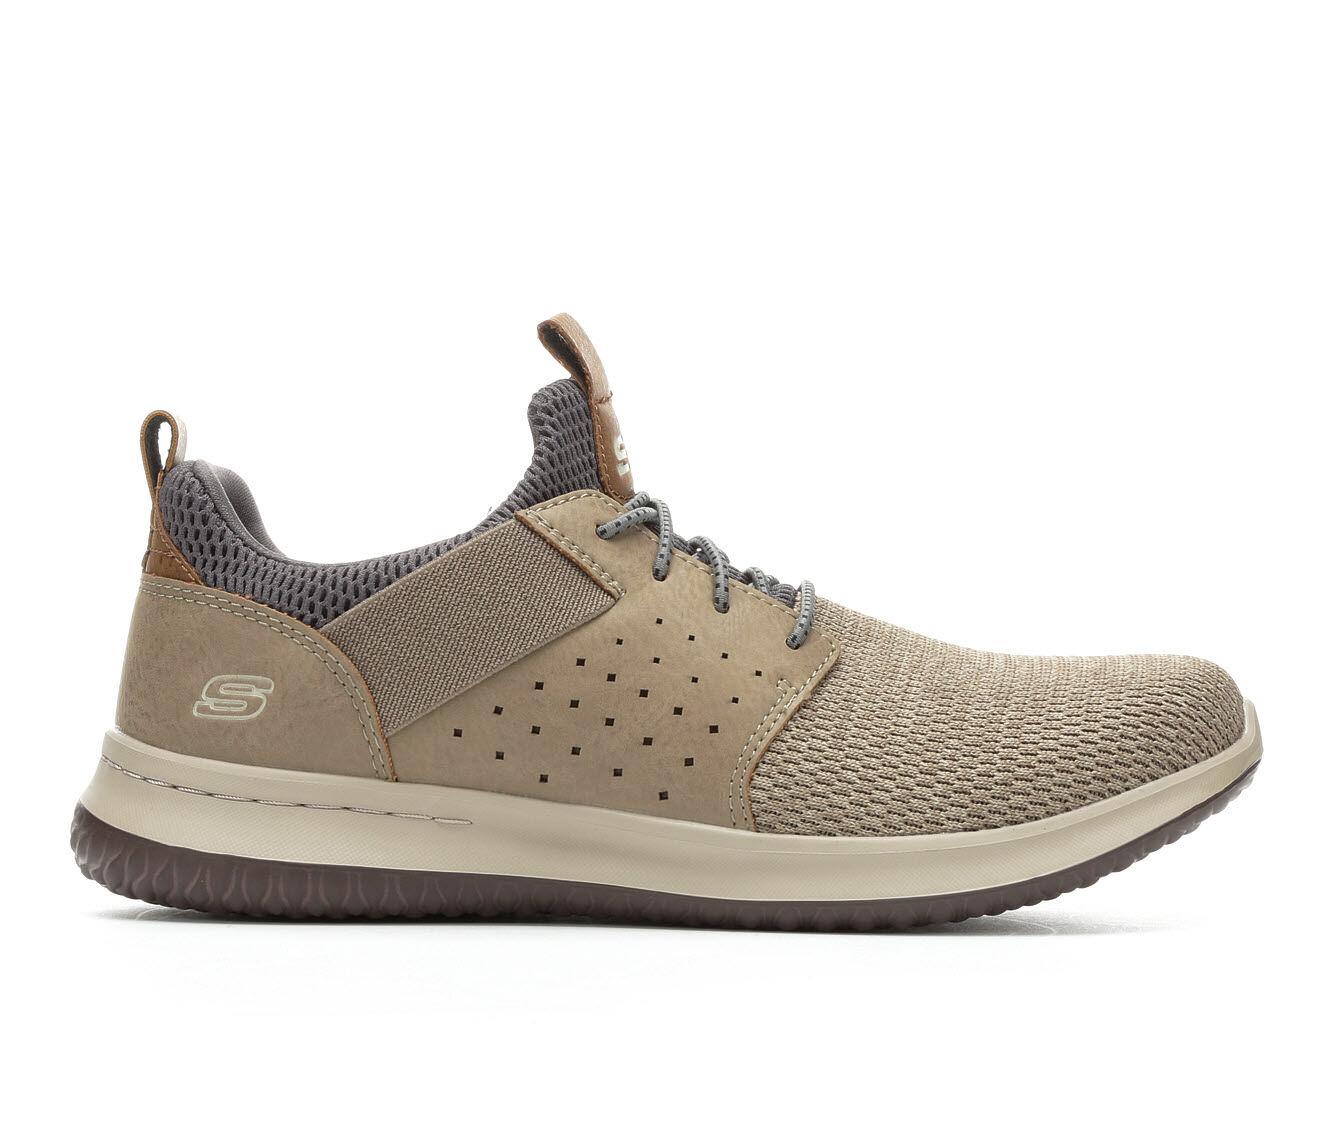 Men's Skechers Camben 65474 Sneakers Taupe